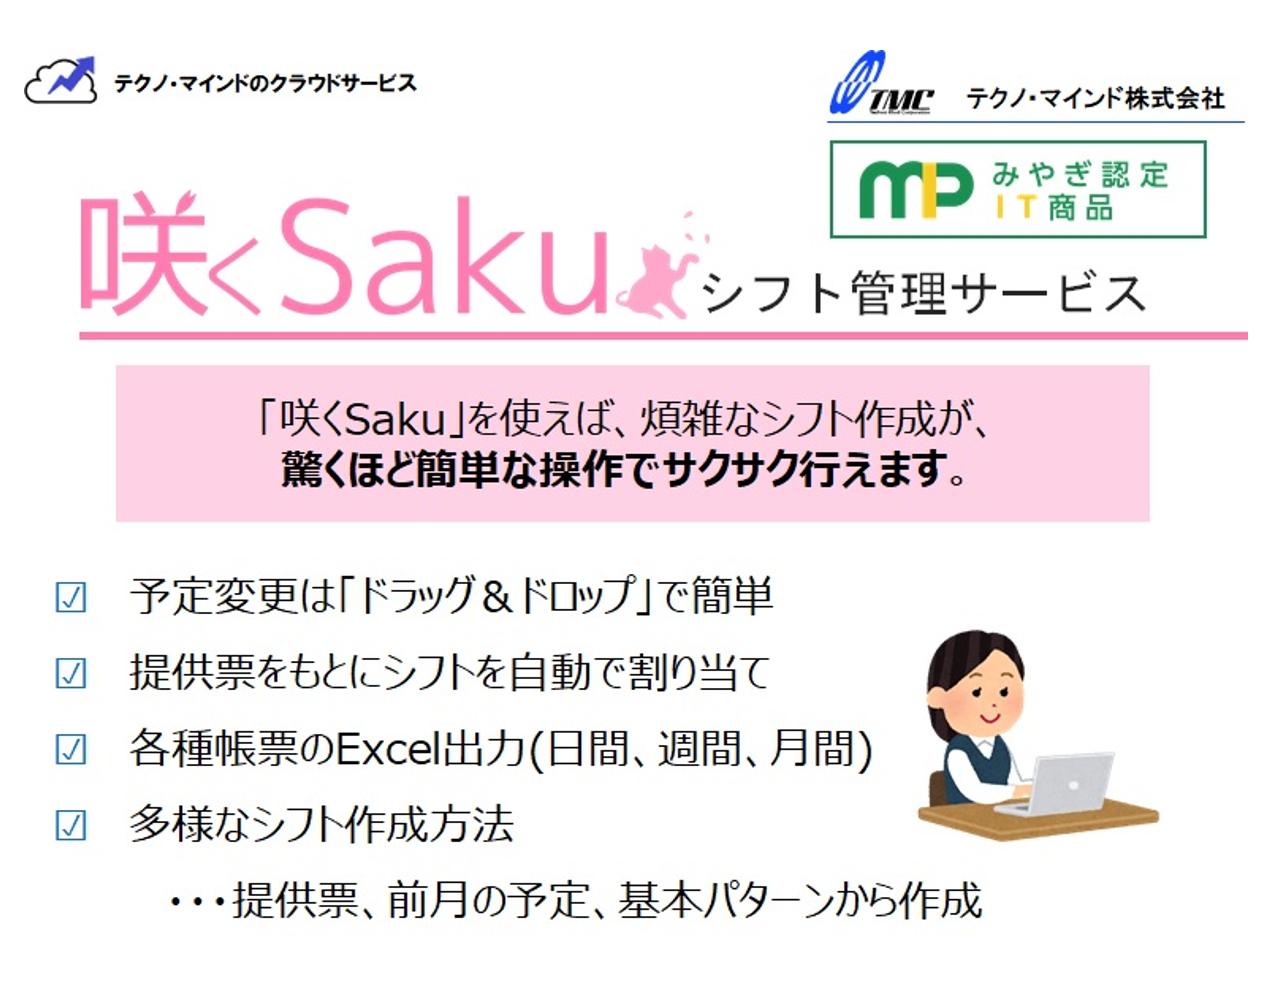 シフト管理サービス「咲くSaku」